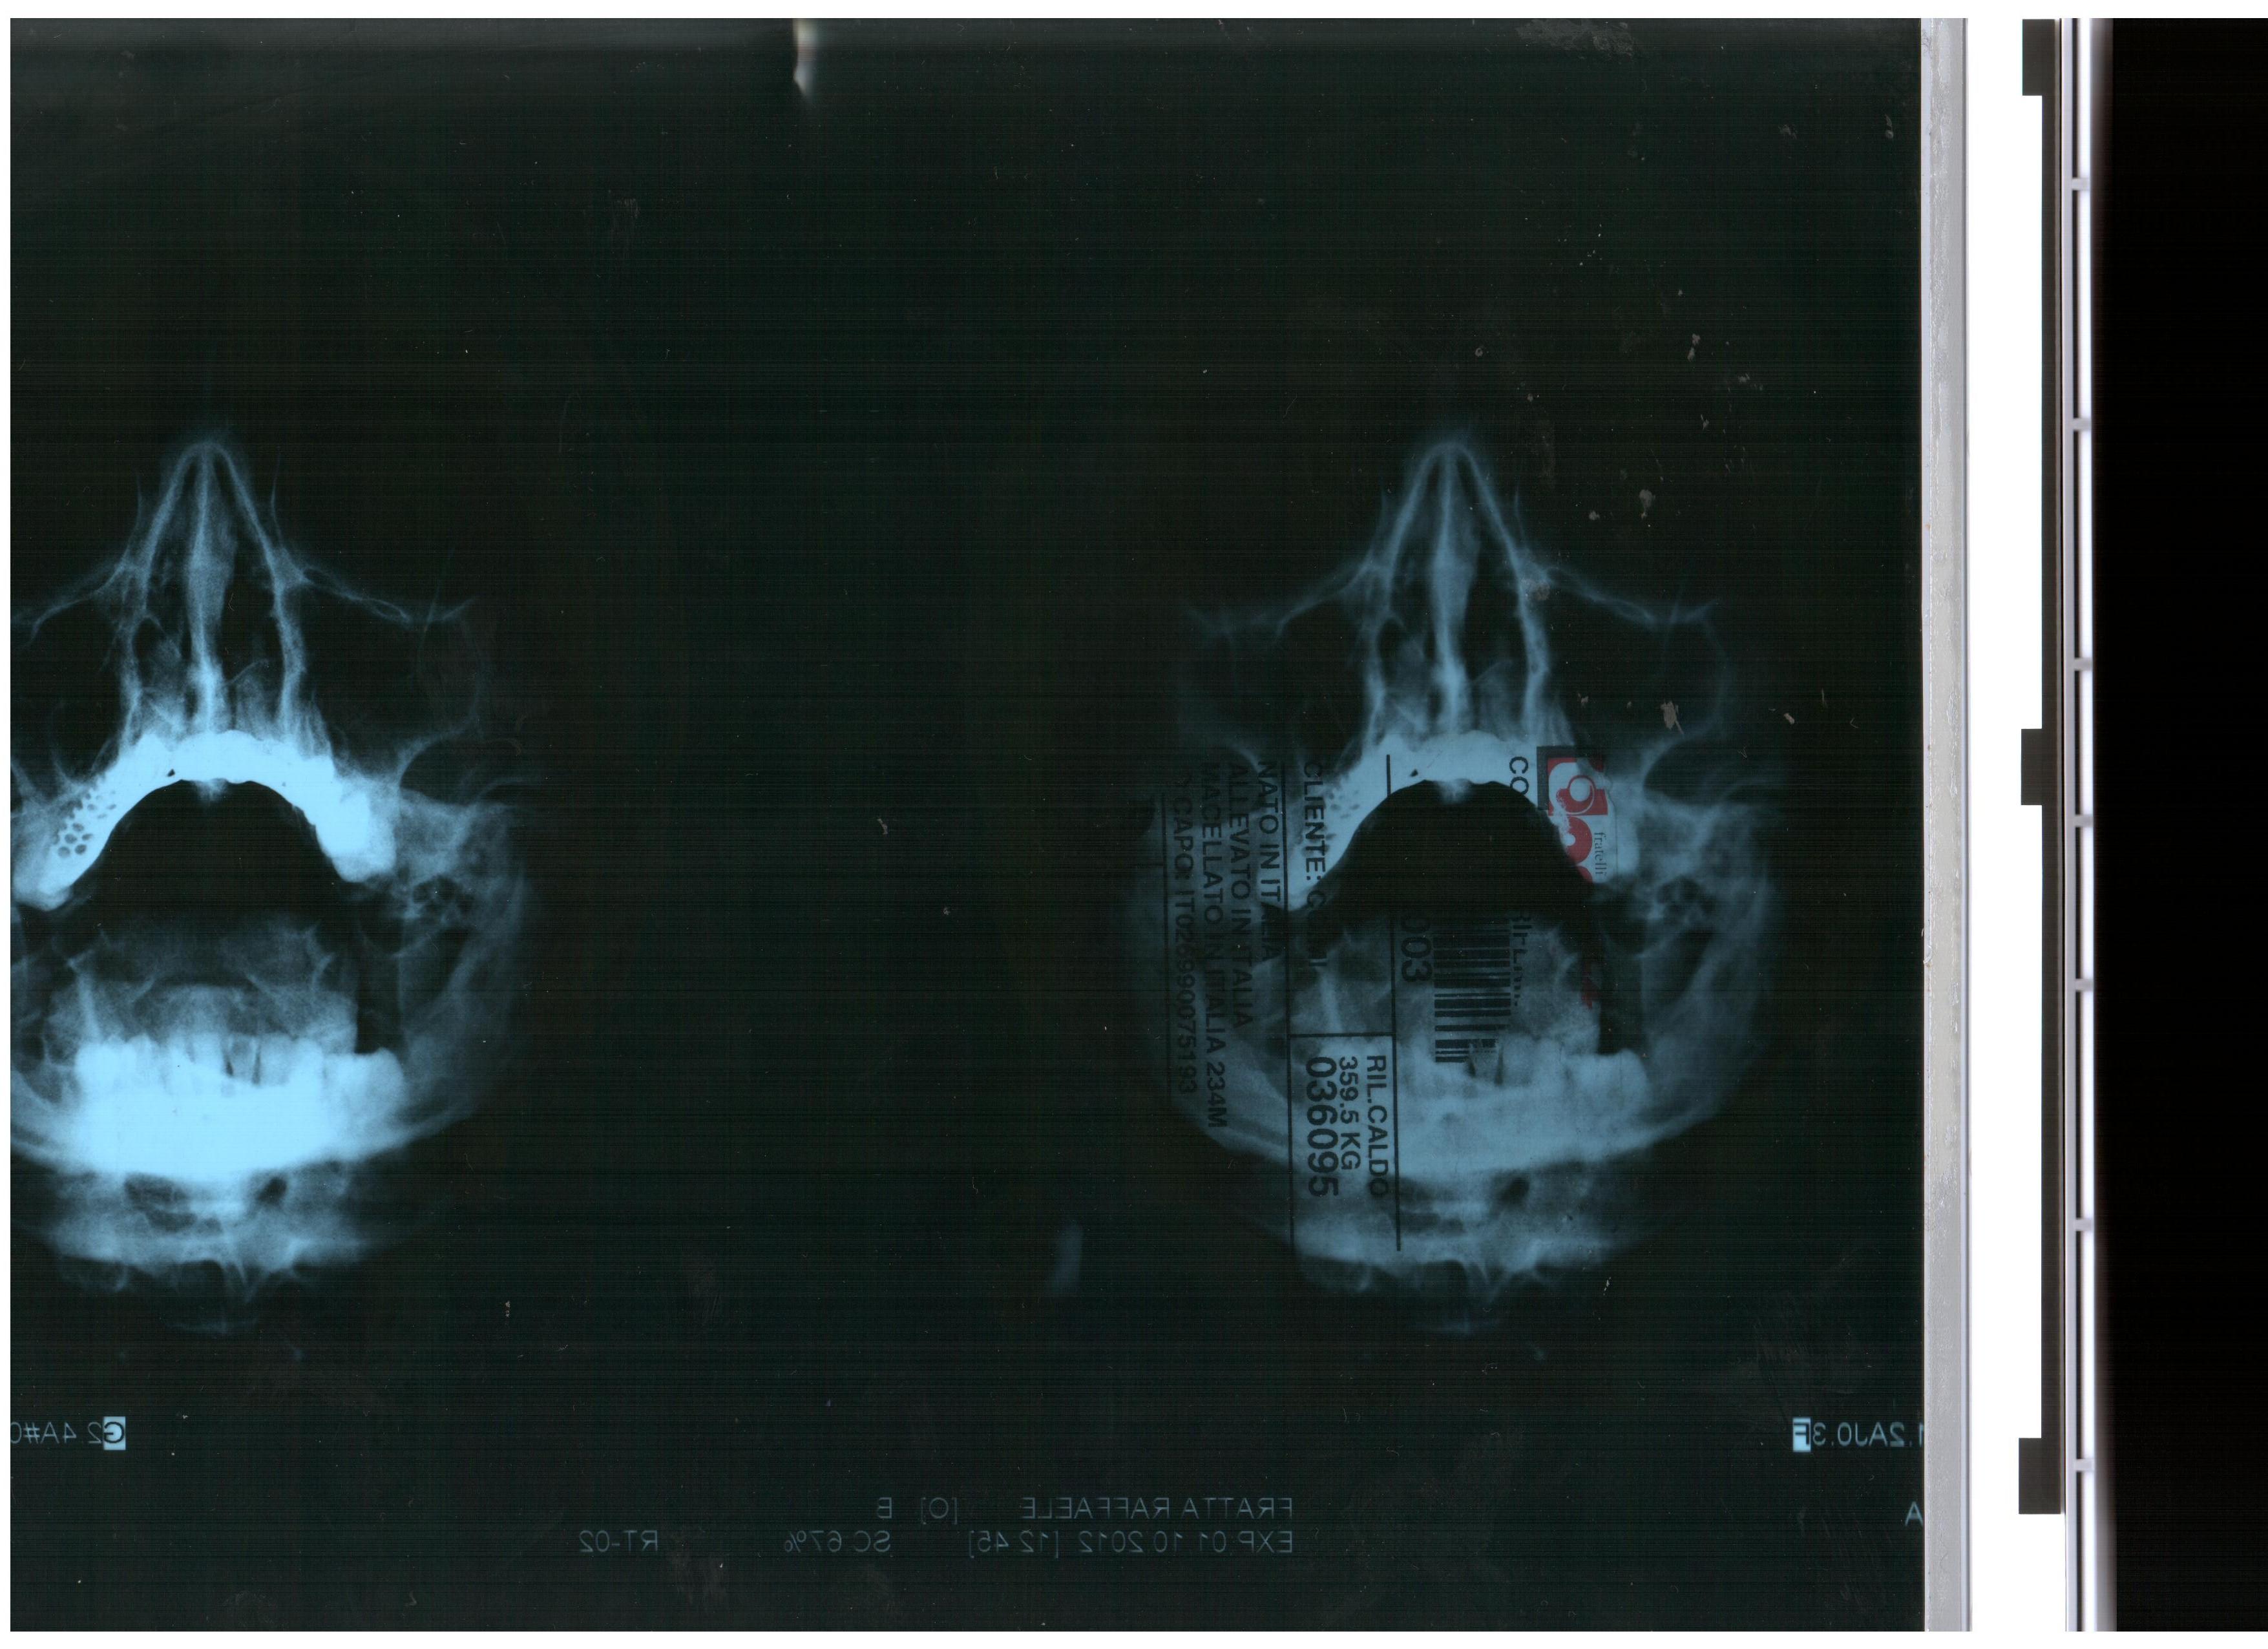 Da oltre 15 giorni ho dolore alla mascella dx